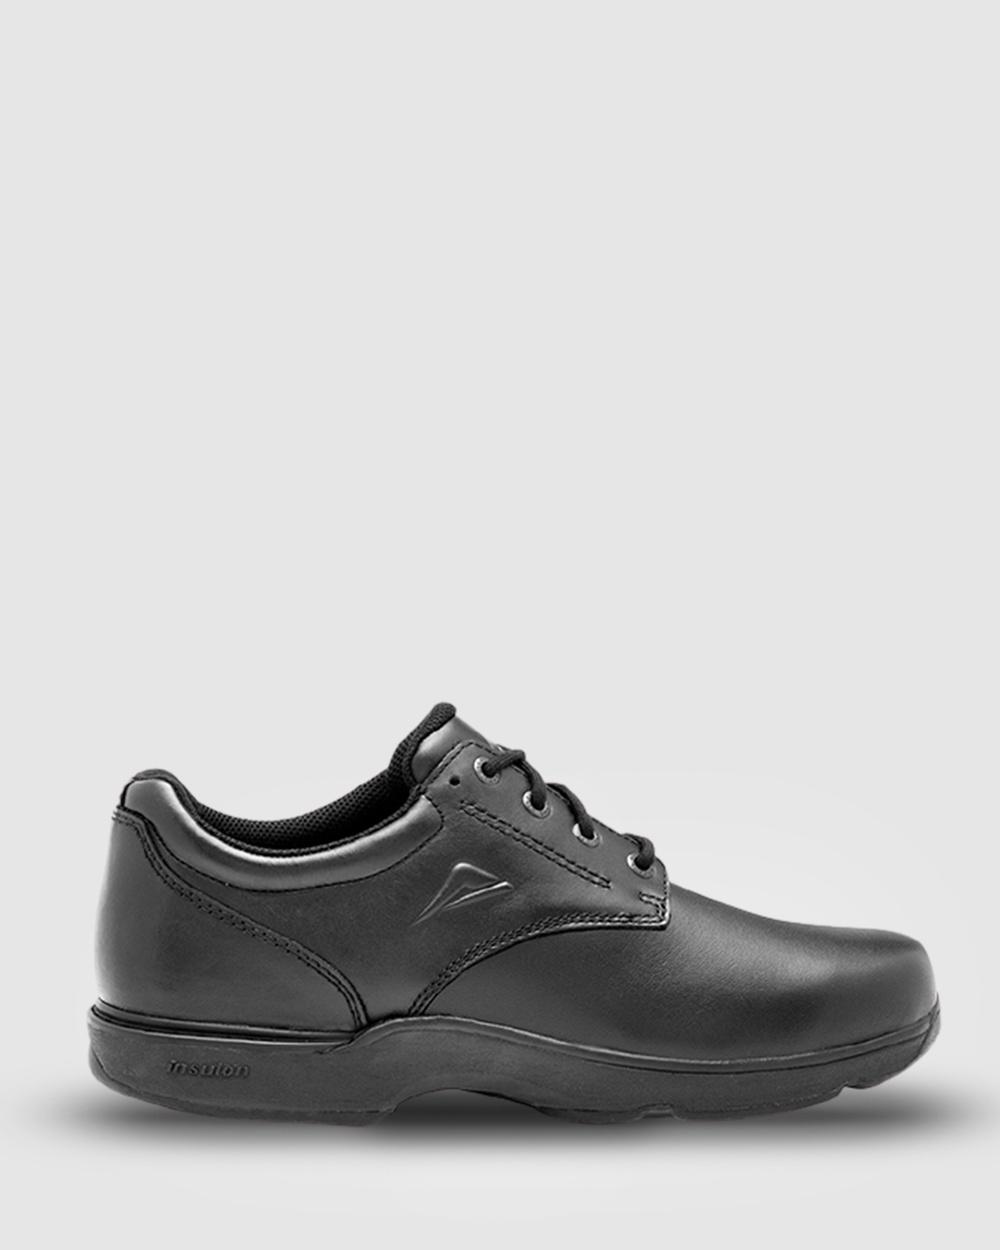 Ascent Apex B Width School Shoes Black Australia